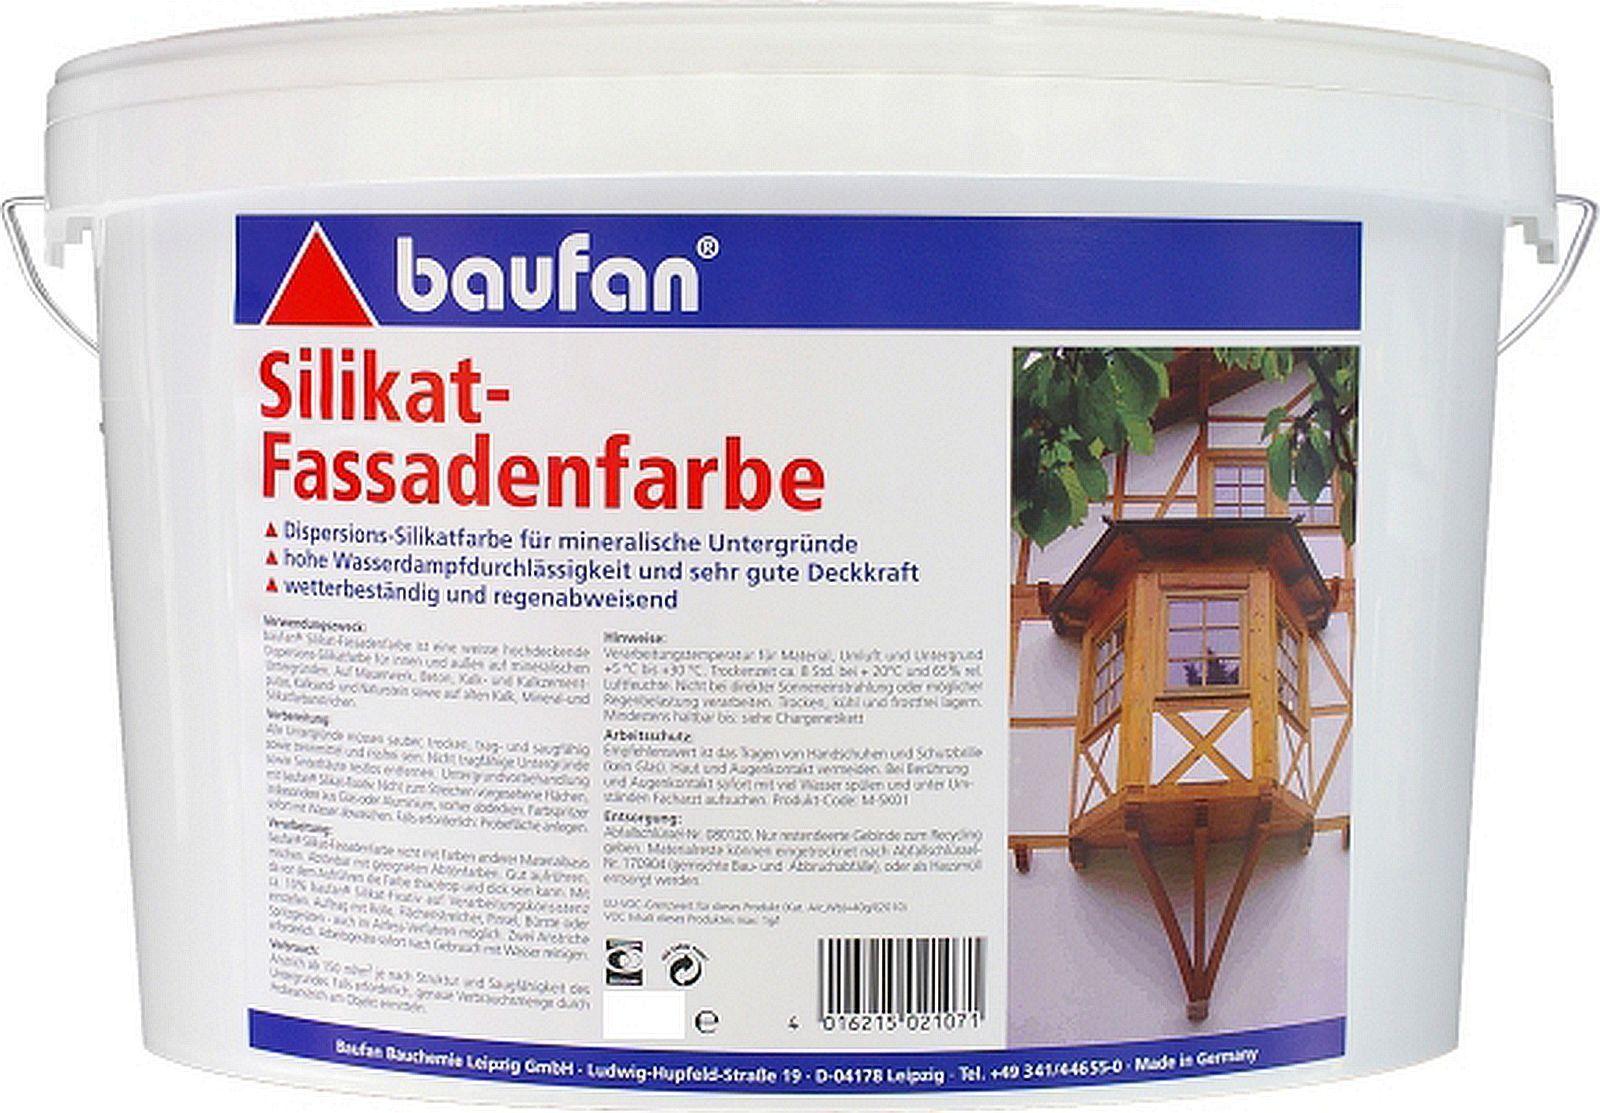 10l baufan Silikat-Fassadenfarbe Dispersions-Silikatfarbe Farbe f. innen & außen